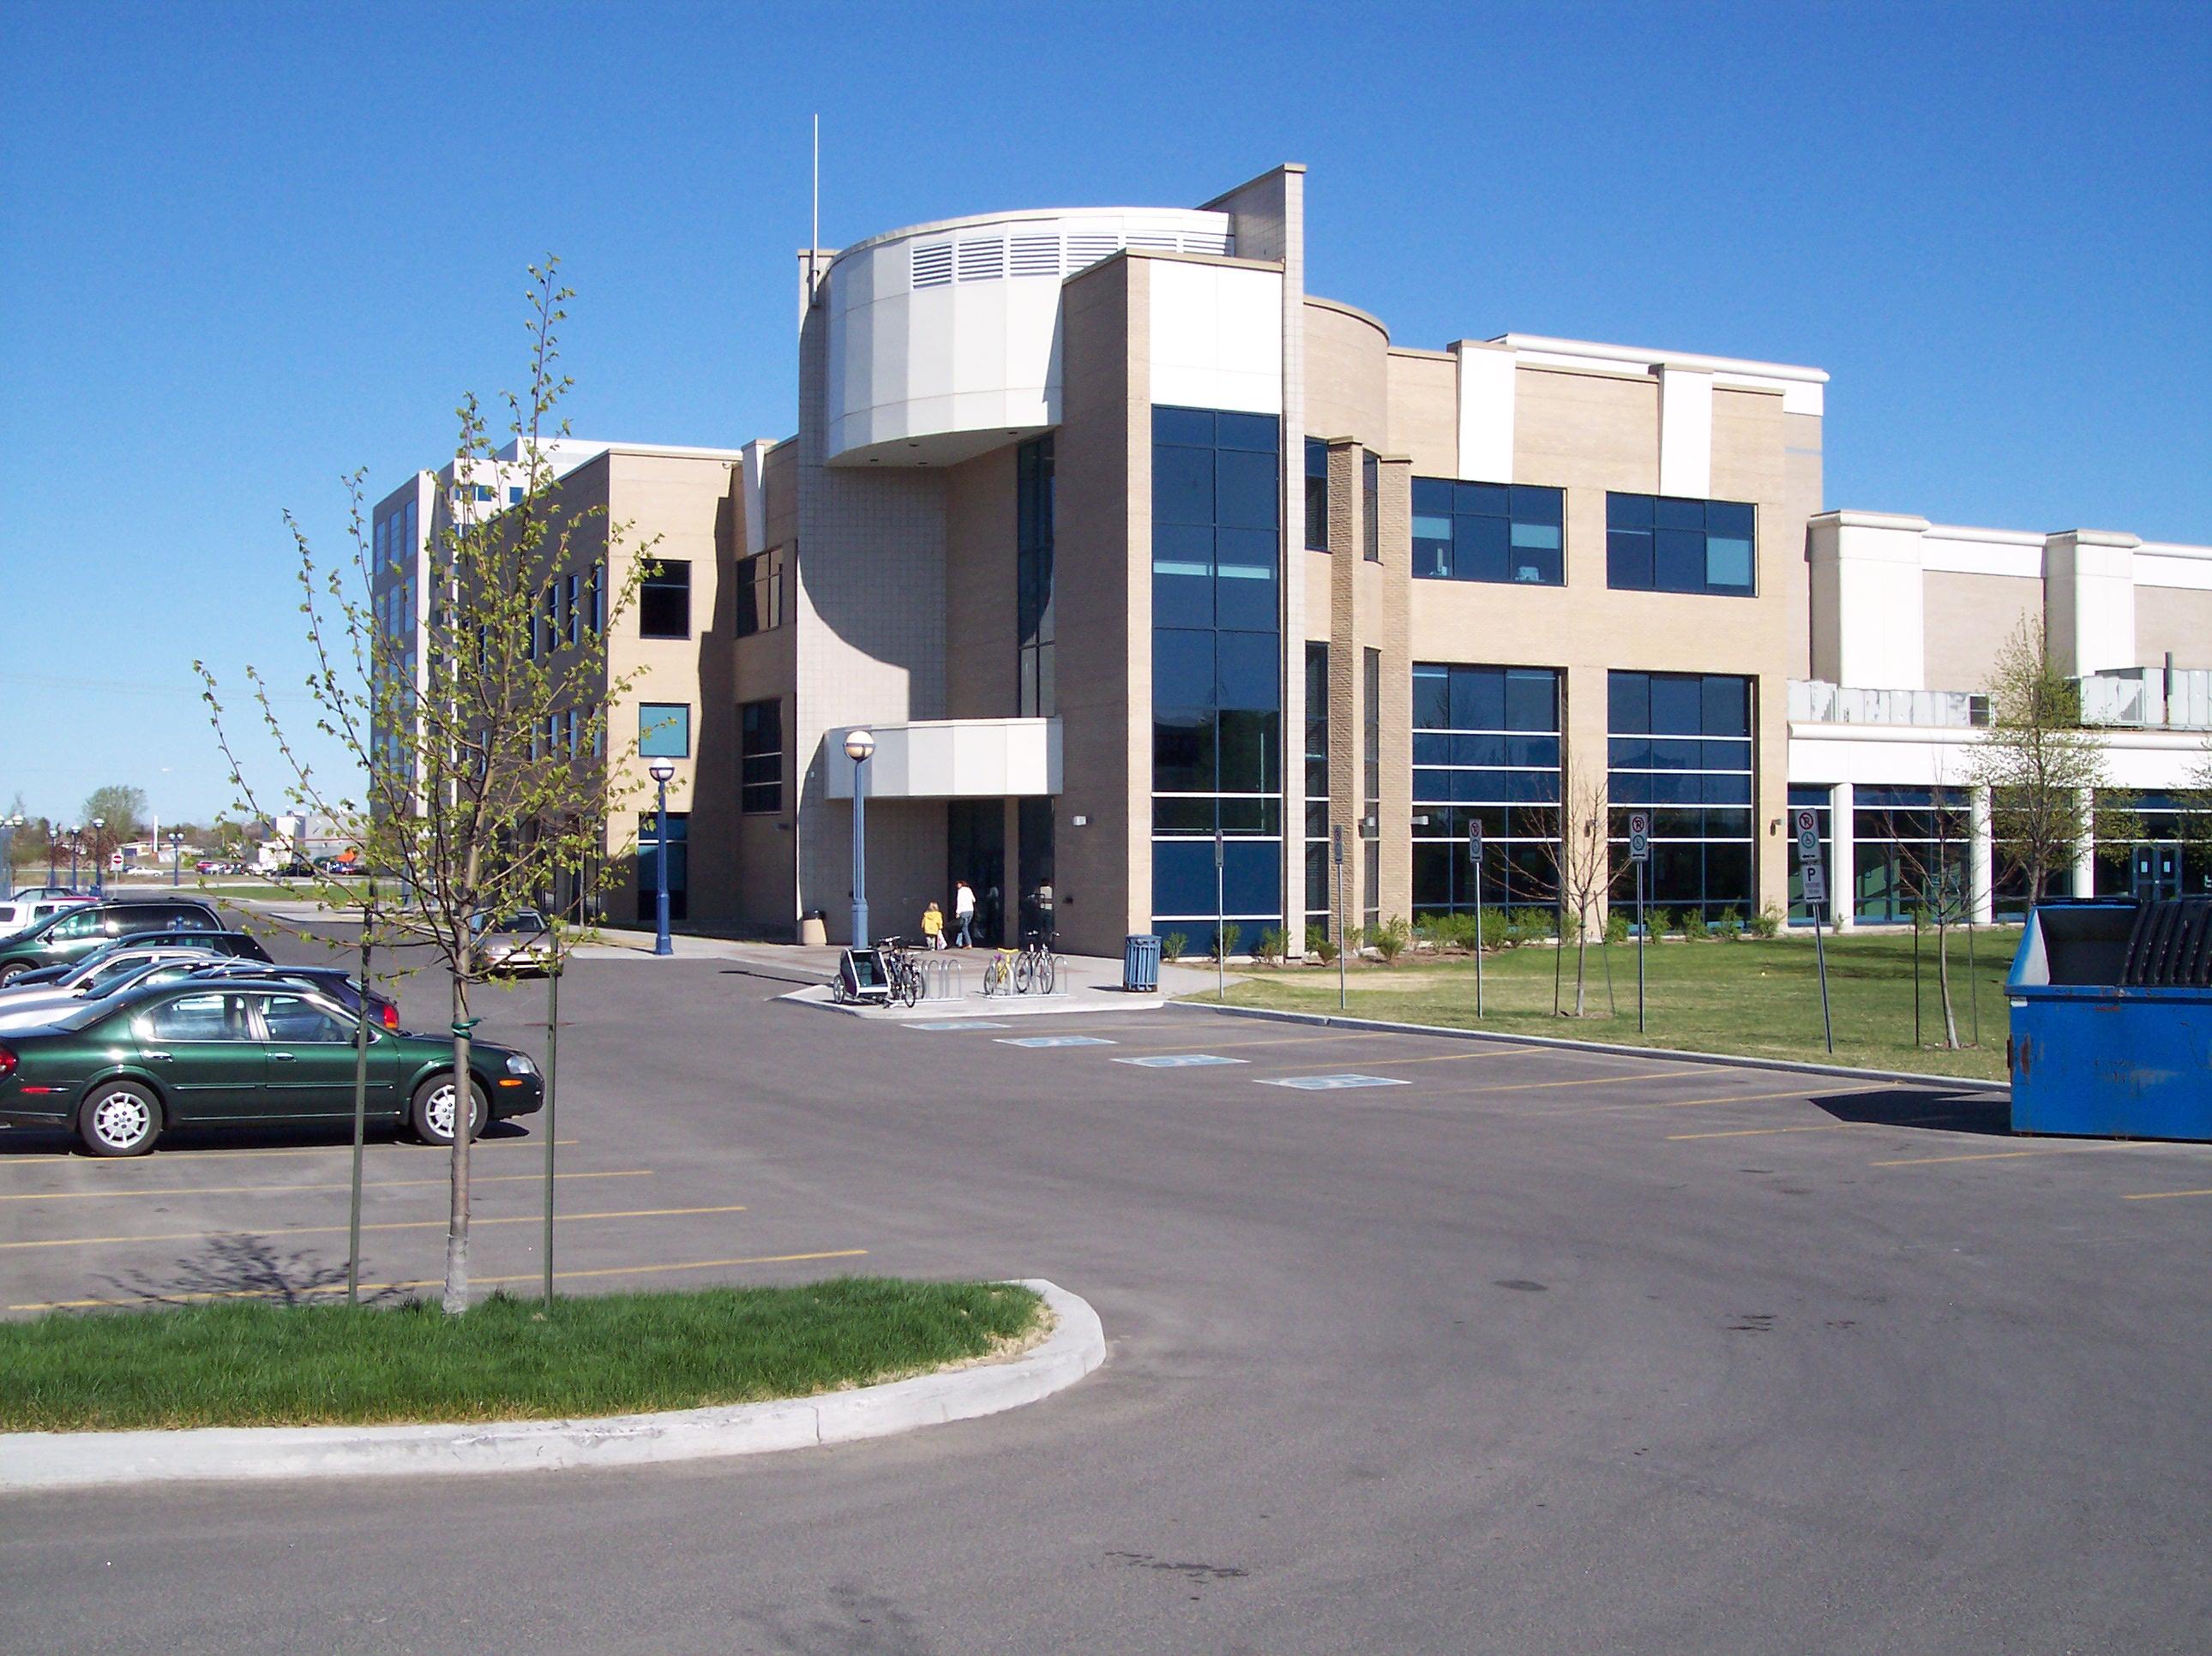 Maison de la culture de Gatineau. Crédits : Centre régional d'archives de l'Outaouais